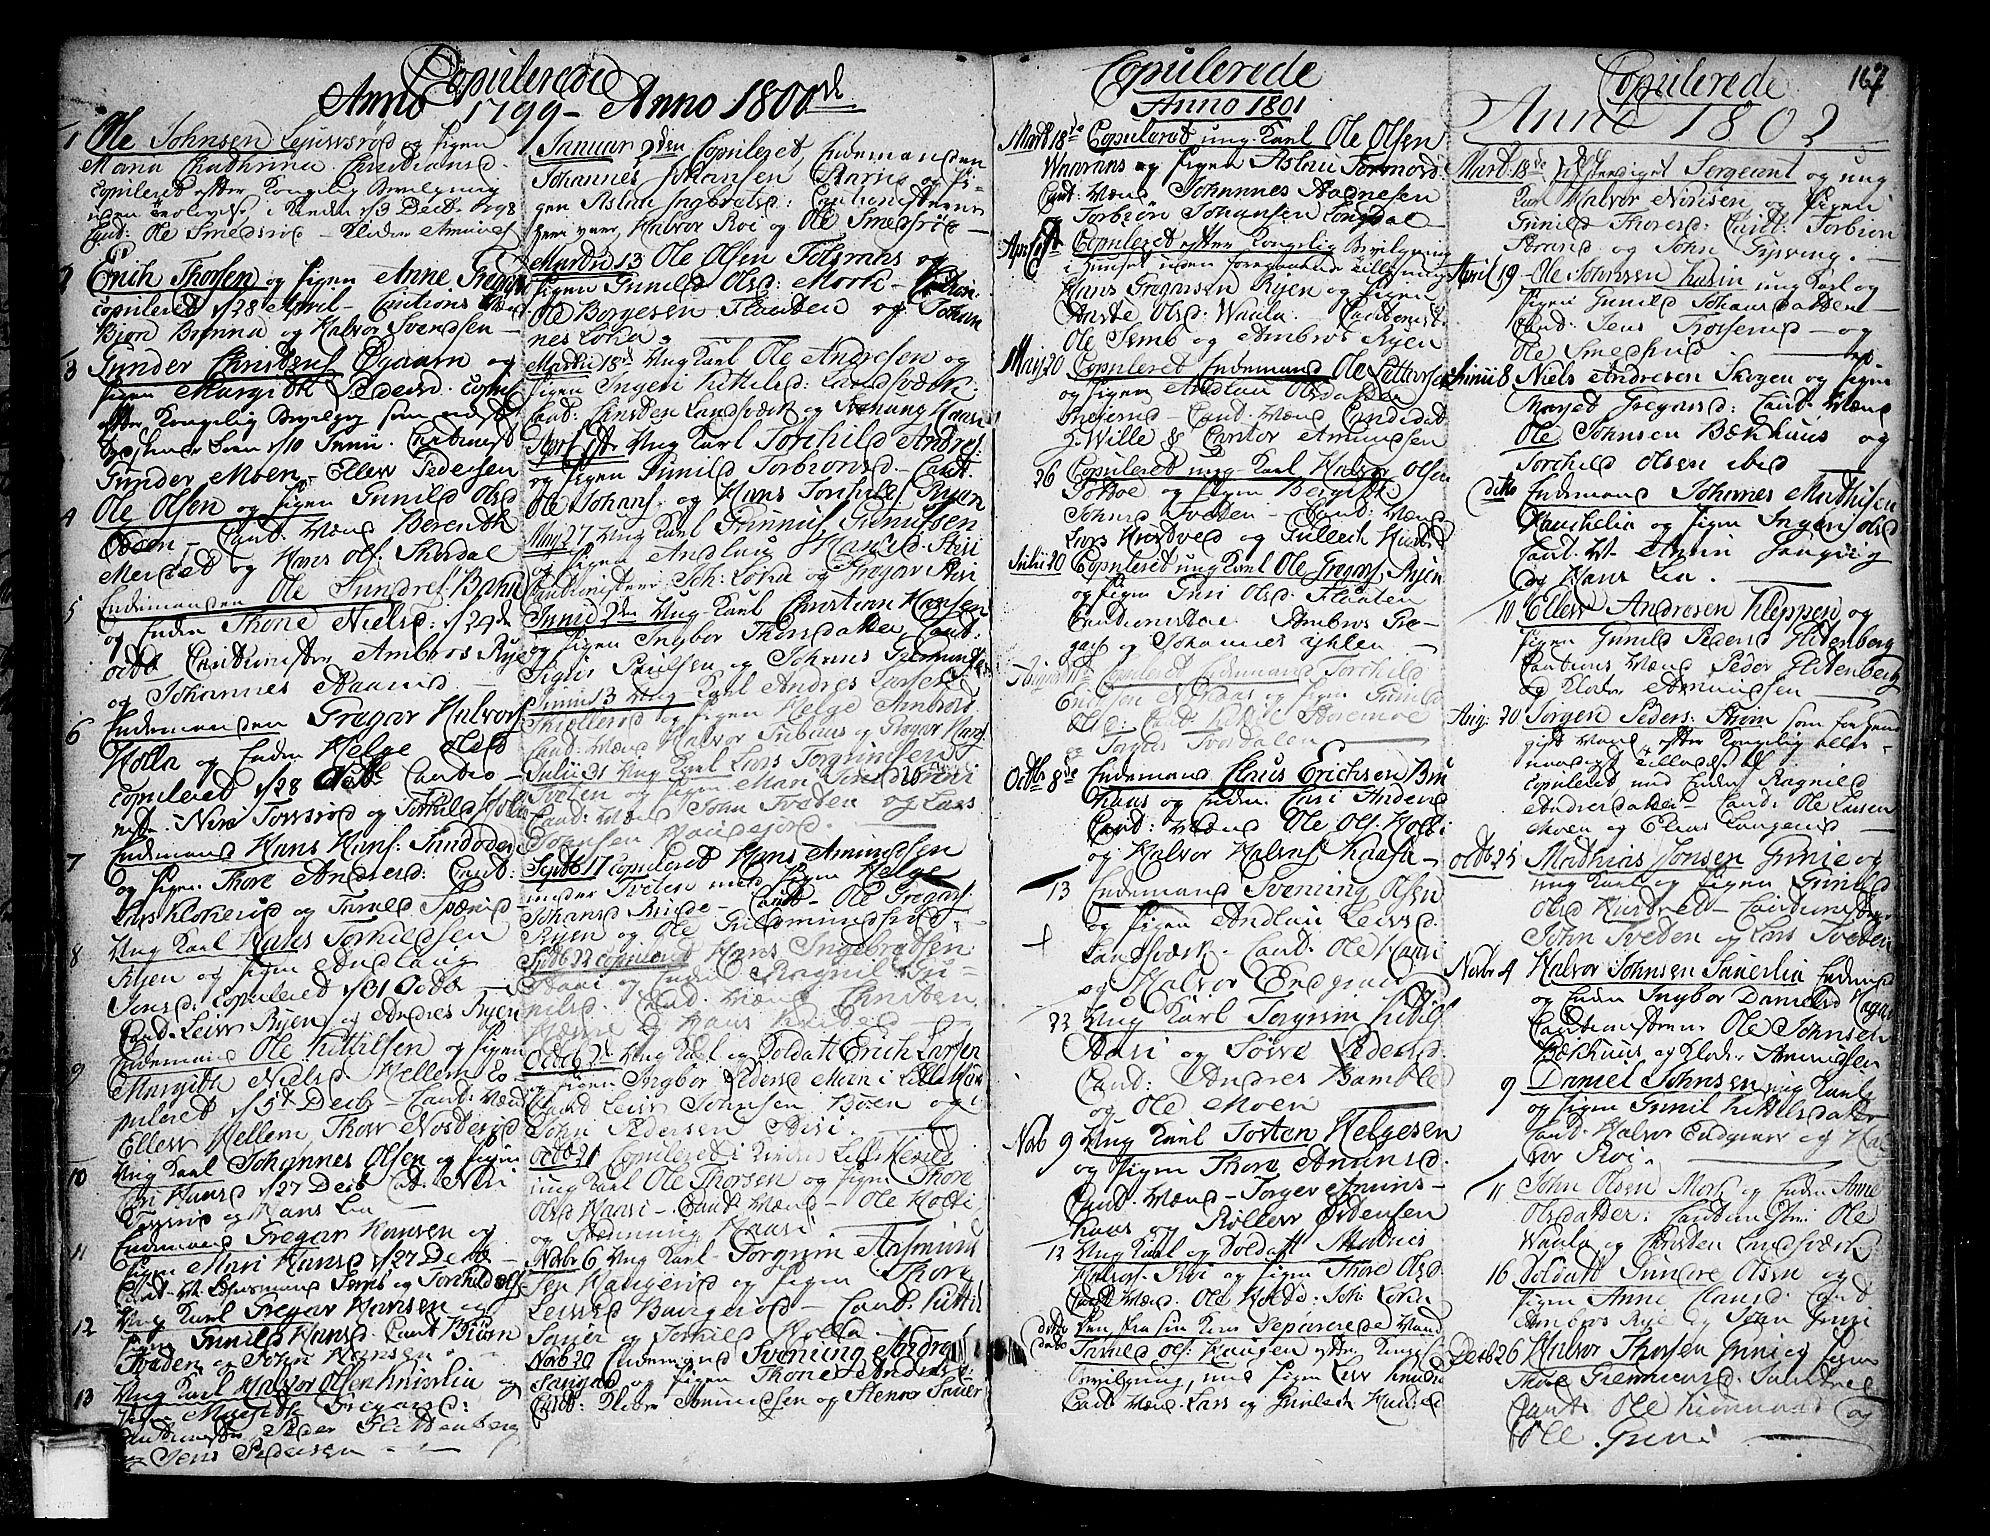 SAKO, Heddal kirkebøker, F/Fa/L0004: Ministerialbok nr. I 4, 1784-1814, s. 167